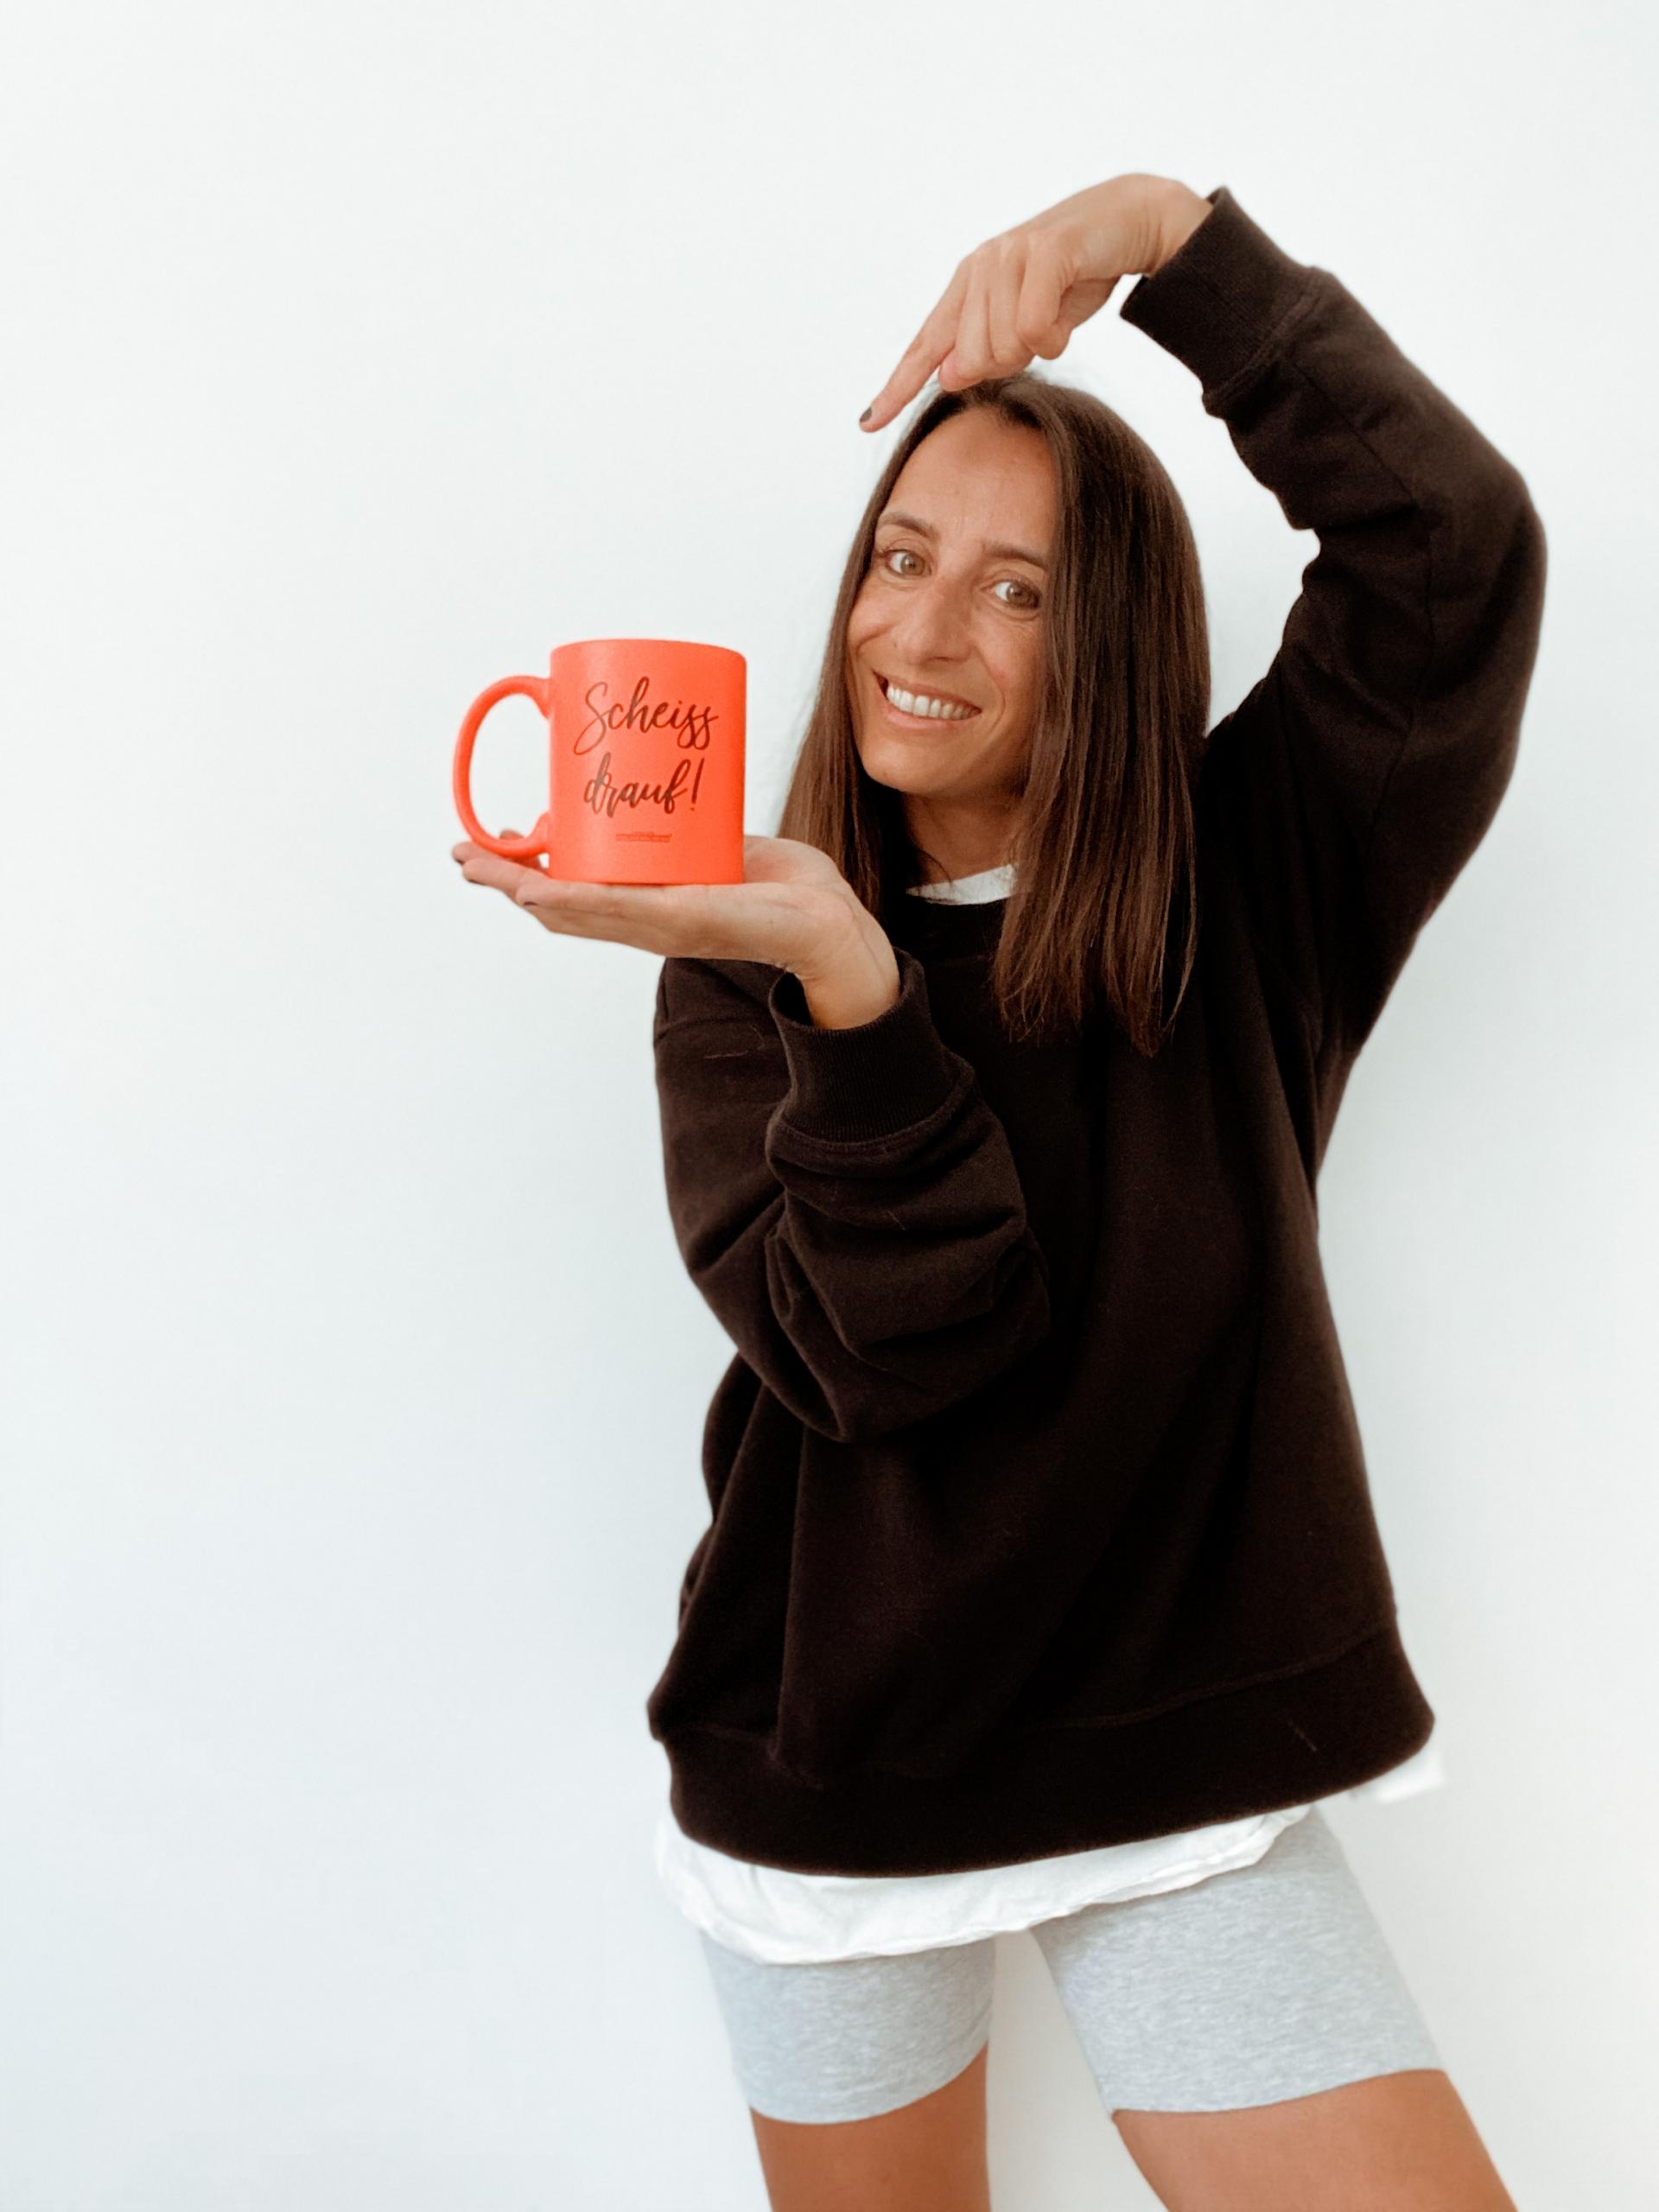 Scheiß drauf – mein Gedanke auf einer Kaffeetasse